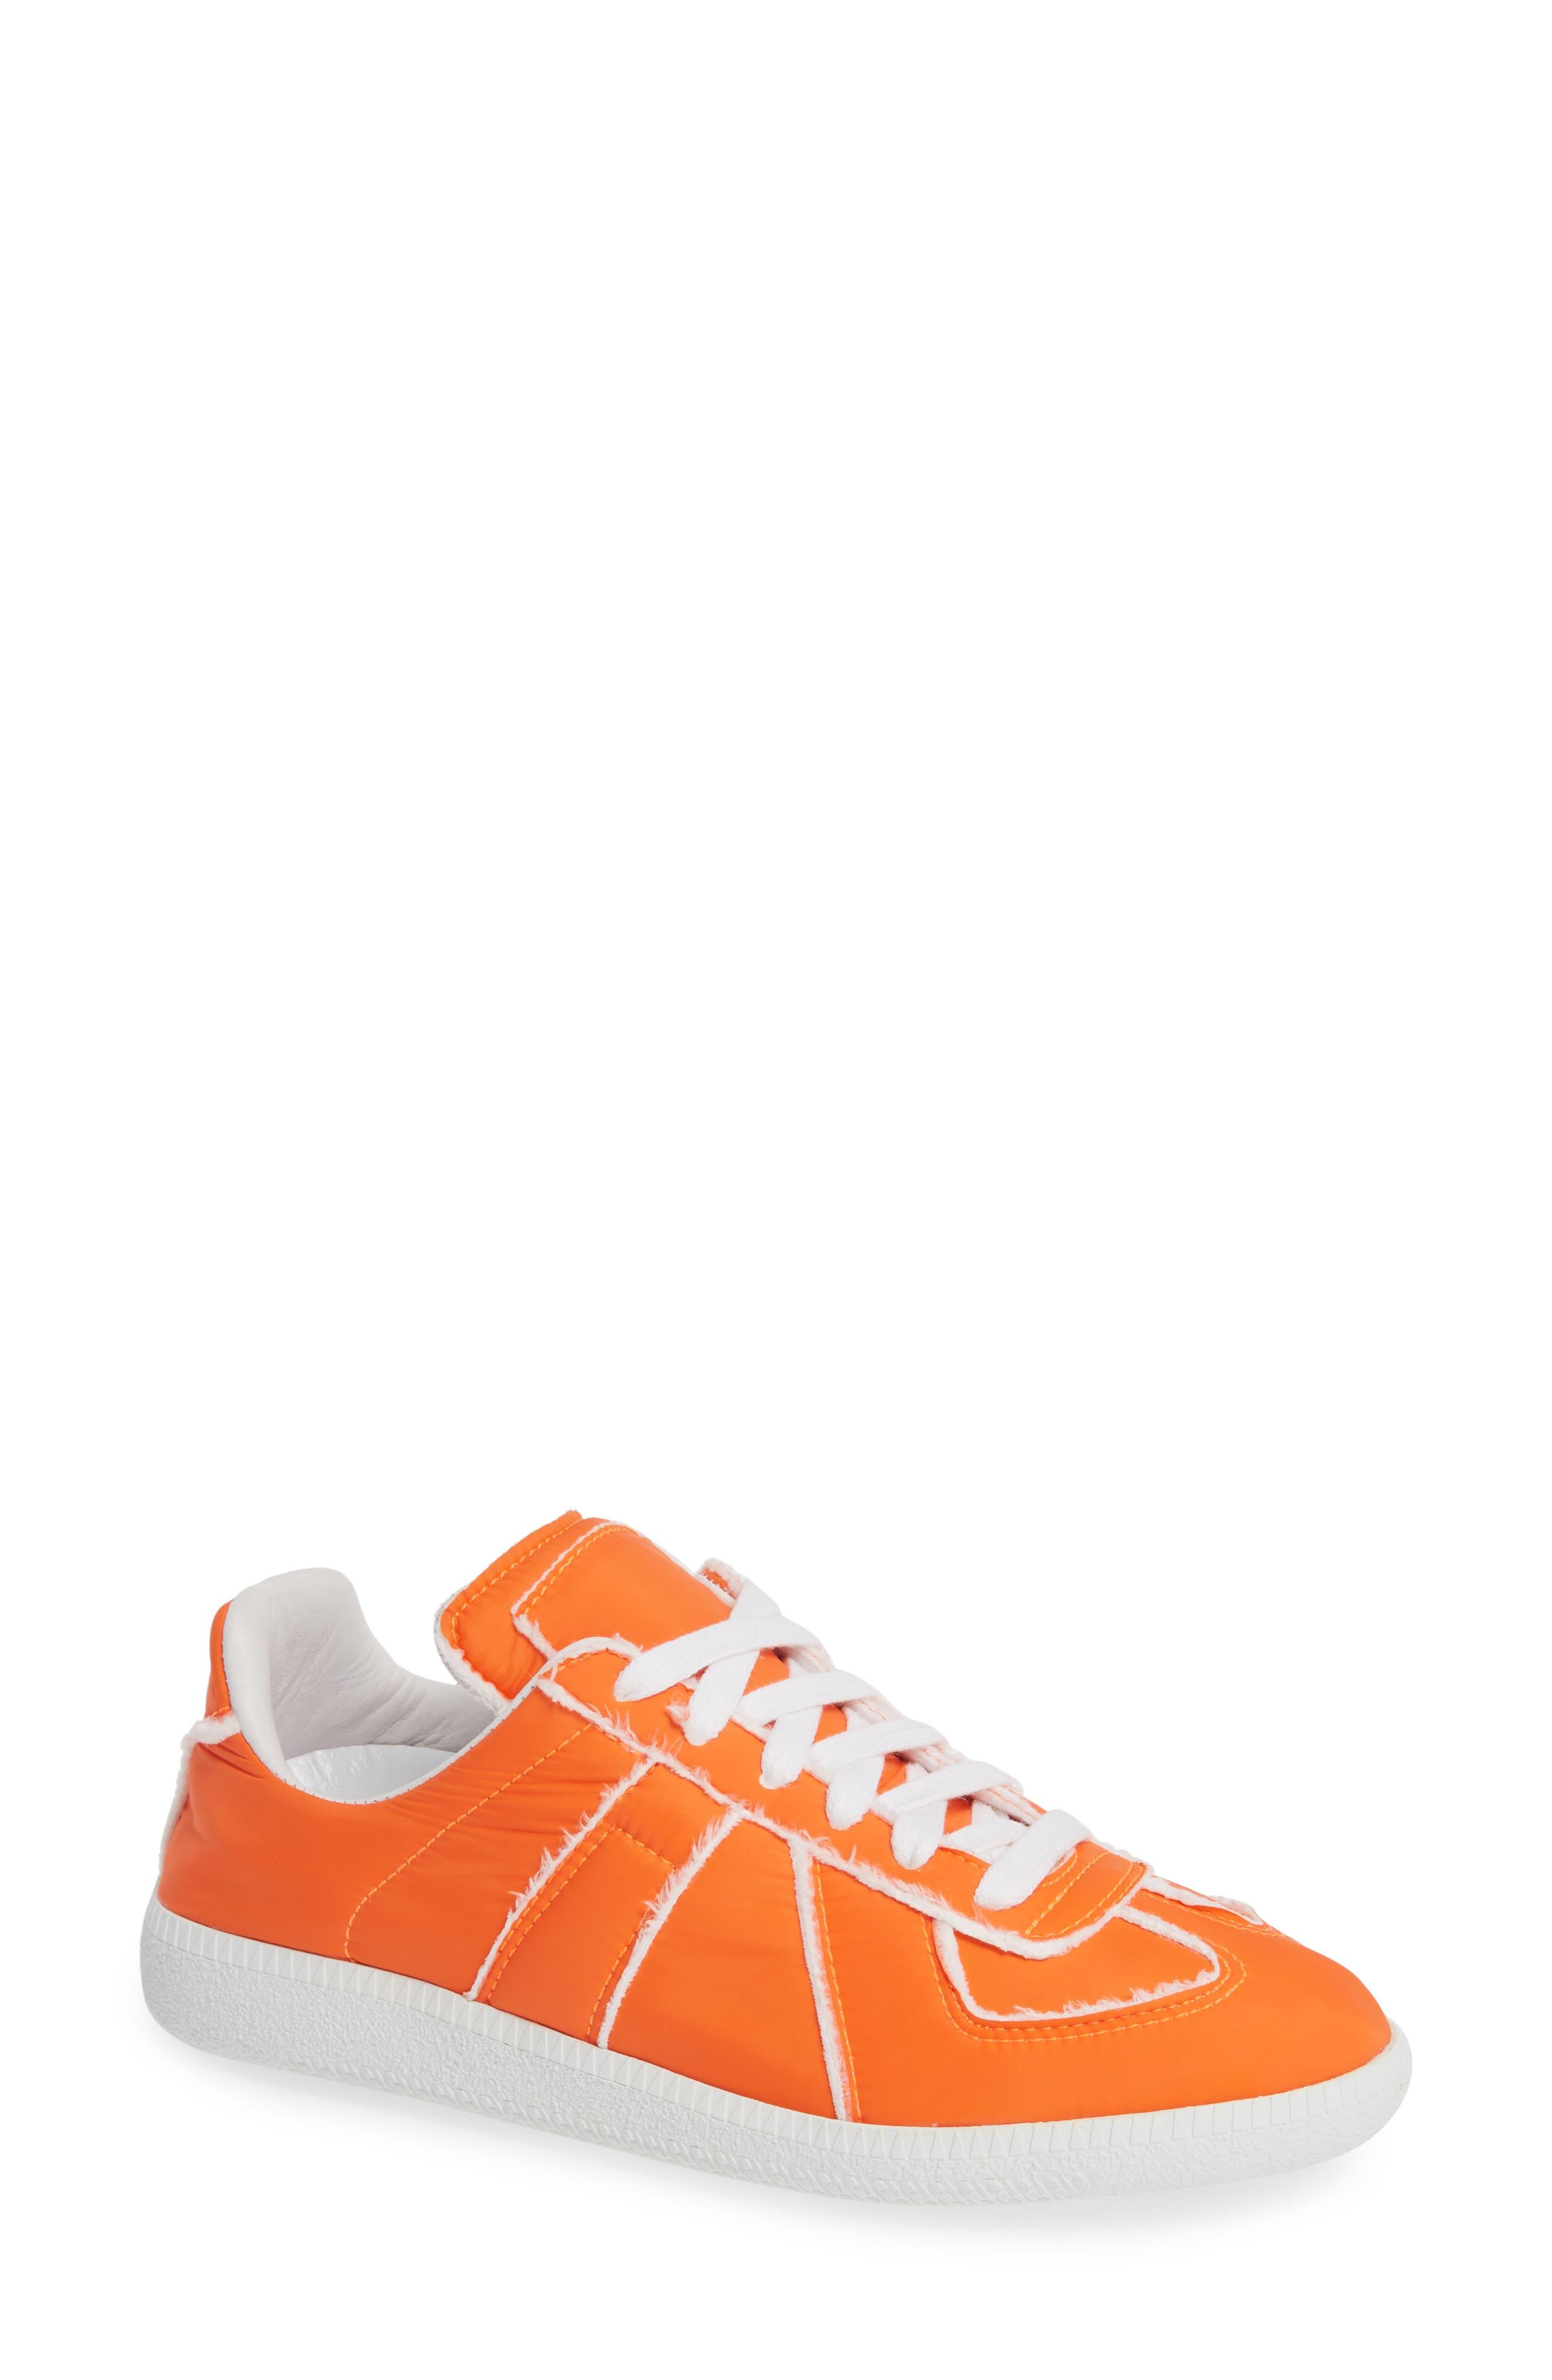 MAISON MARGIELA Replica Lace-Up Sneaker, Main, color, VERMILLION ORANGE